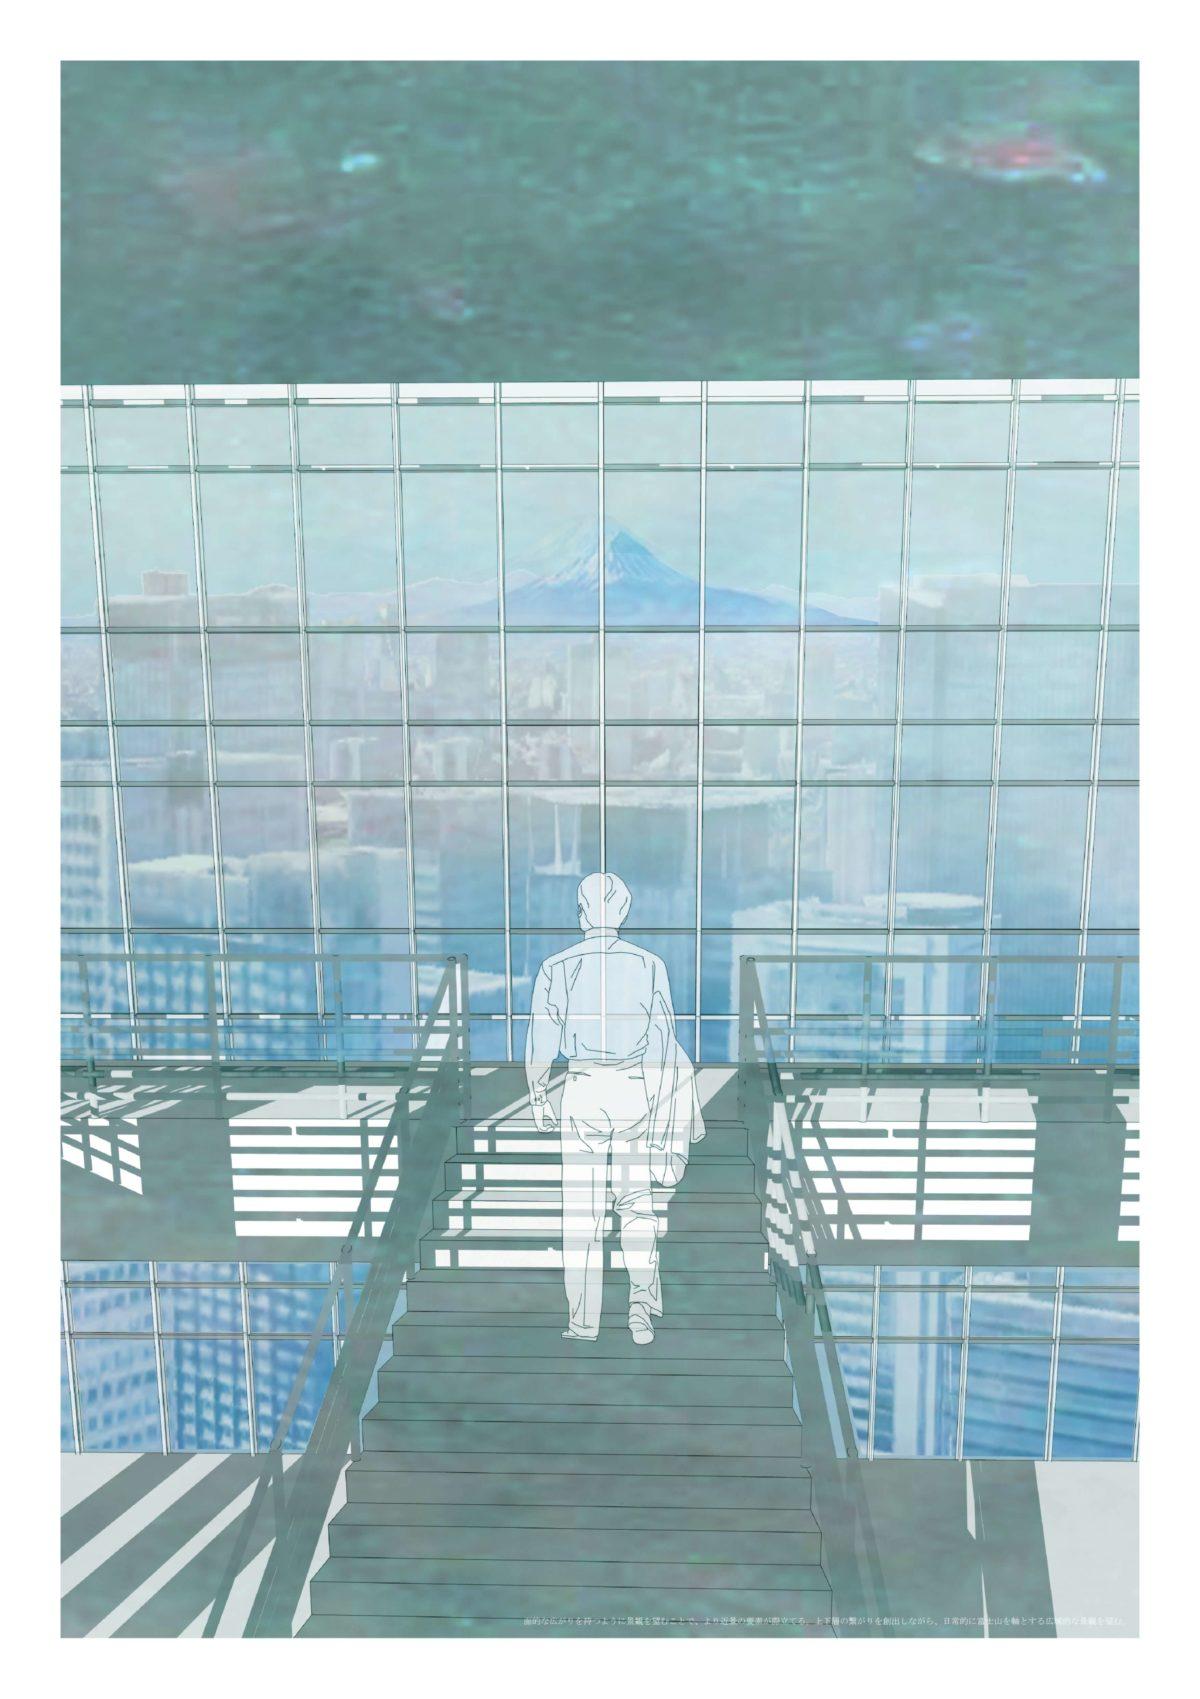 風景を想起する第五世代美術館建築 -歌川広重による名所江戸百景の分析を通して--6